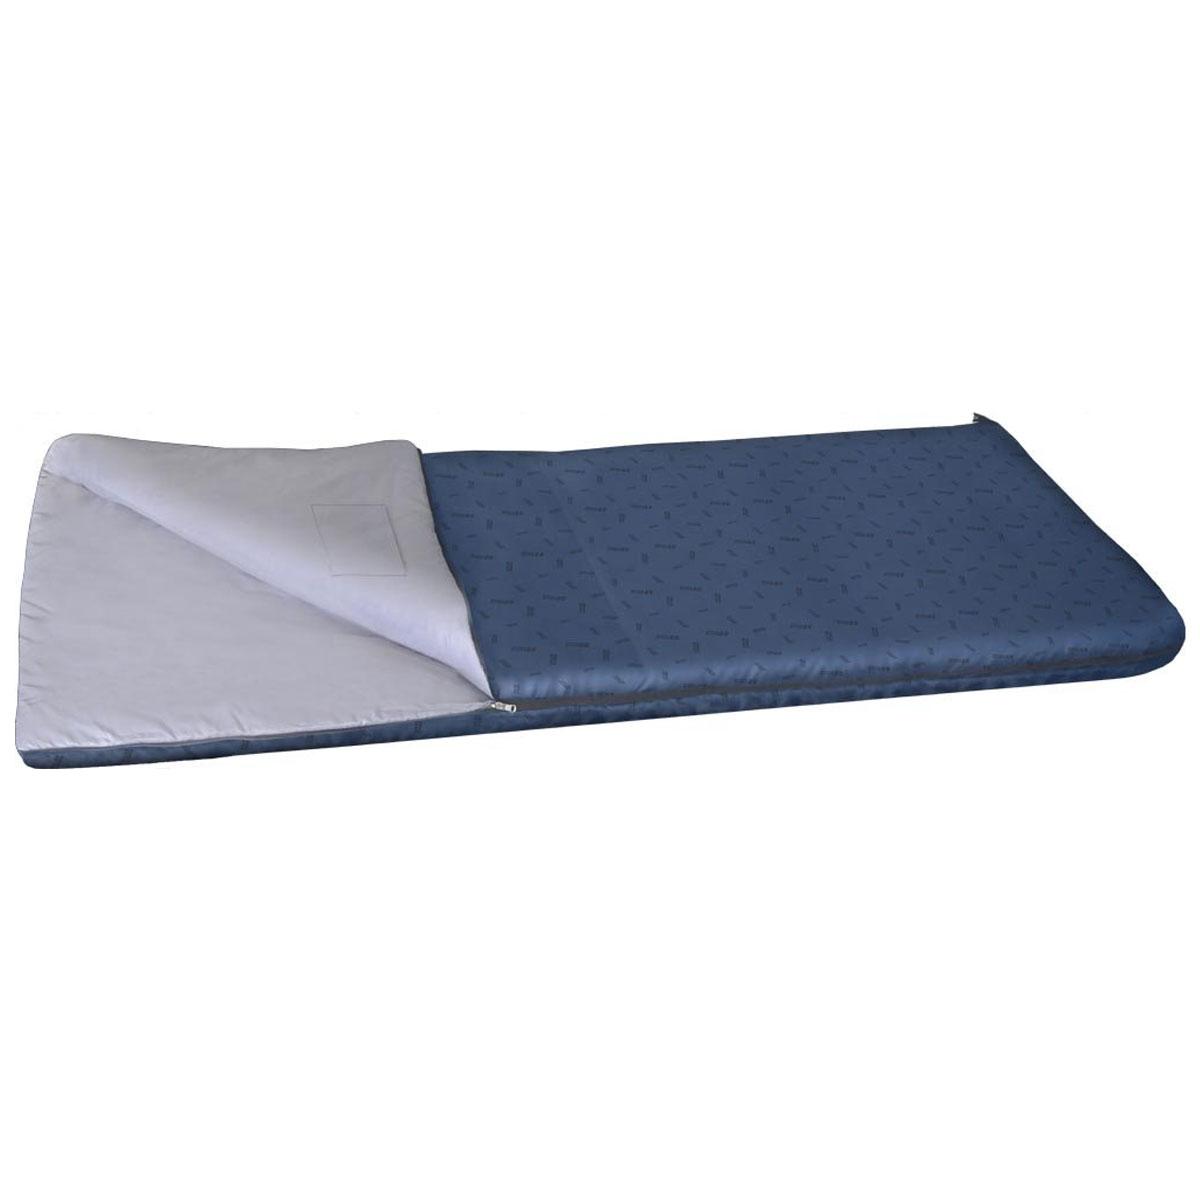 Спальный мешок-одеяло Nova Tour Валдай 300, цвет: синий, левосторонняя молния. 95210-402-0067744Спальный мешок Валдай 300 - это ваш первый спальник, отличный вариант для начинающего туриста. Если вам трудно определиться с условиями, в которых будет использоваться спальник, то Валдай 300 именно тот вариант, универсальный, недорогой и надежный. Купив спальный мешок Валдай 300, вы получаете полноценный отдых без особых материальных затрат. Температурные характеристики этого спальника предполагают его использование в теплое время года. Два слоя новейшего утеплителя улучшенной серии Thermofibre-S-Pro, легкая ткань верха Polyester 100% и отсутствие дополнительного подголовника обеспечили низкий вес спальника Валдай 300 и небольшие размеры в свернутом виде. Спальник компактно упаковывается в компрессионный мешок.Благодаря двухзамковой молнии, имеется возможность состегнуть два спальника в один двойной,для совместного, еще более комфортногоотдыха.Ткань верха: Polyester 100%.Внутренняя ткань: Polyester 100%.